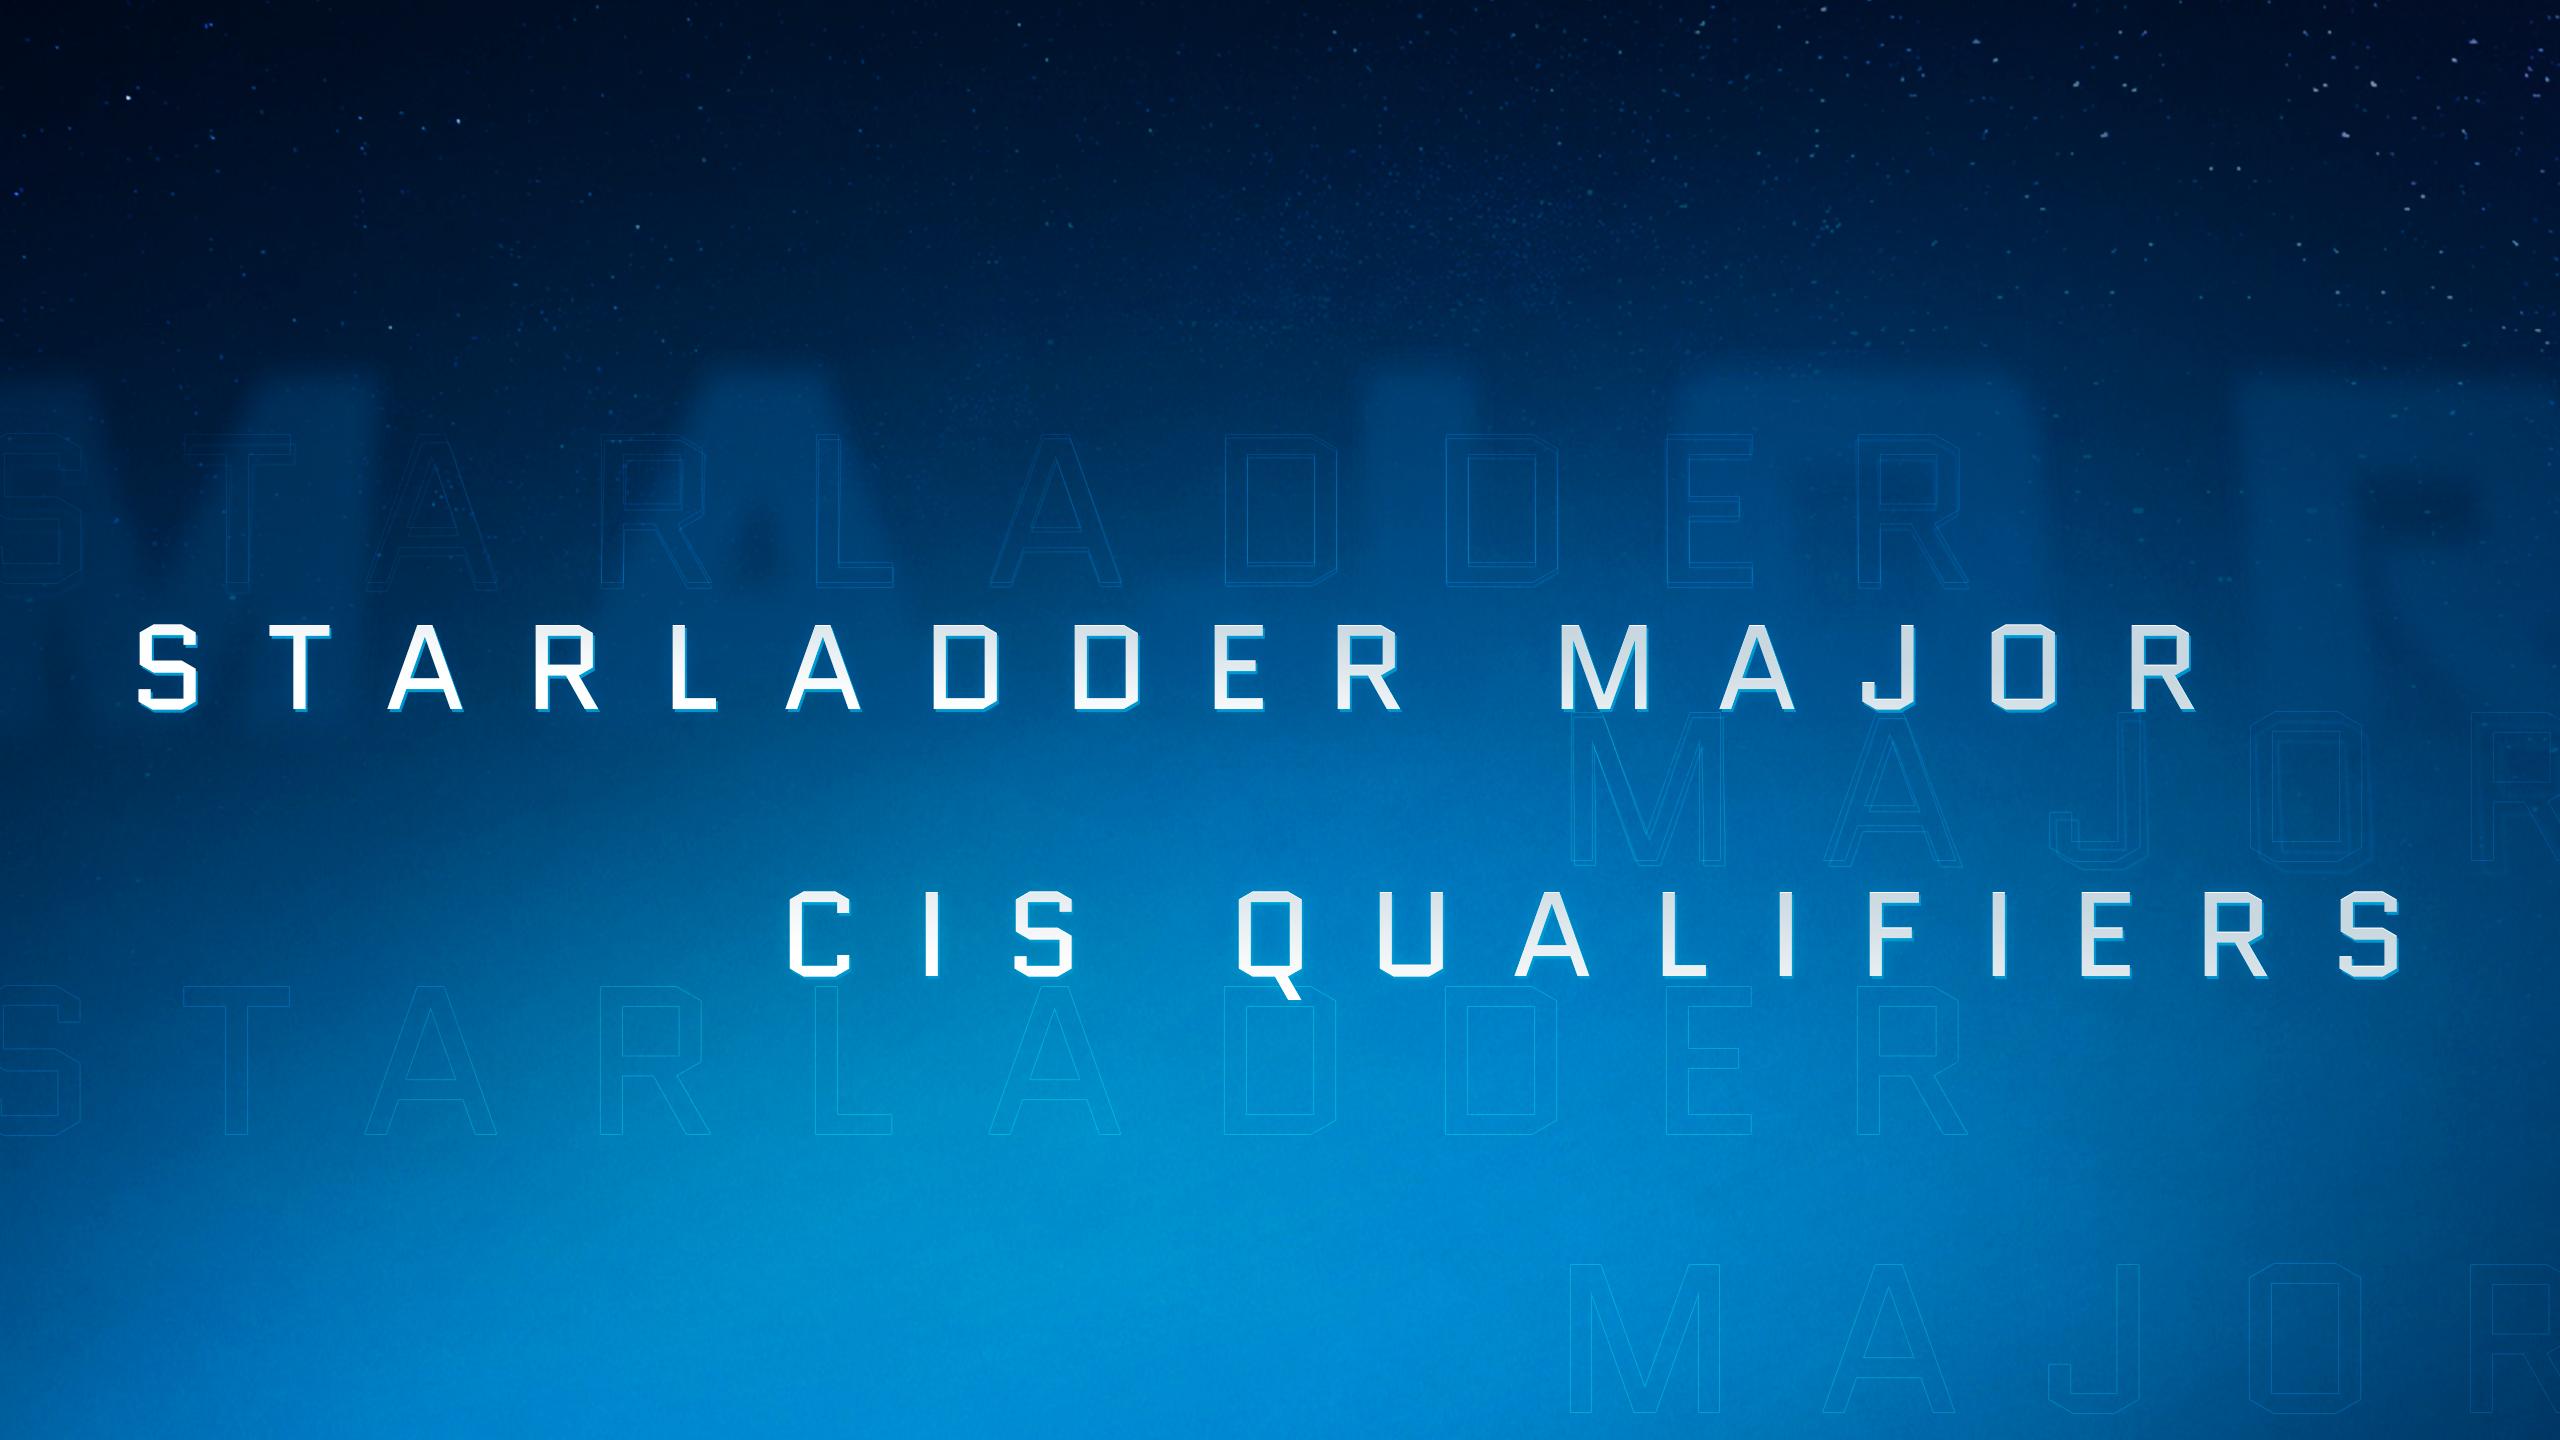 Список приглашённых команд на закрытую квалификацию к CIS Minor Championship